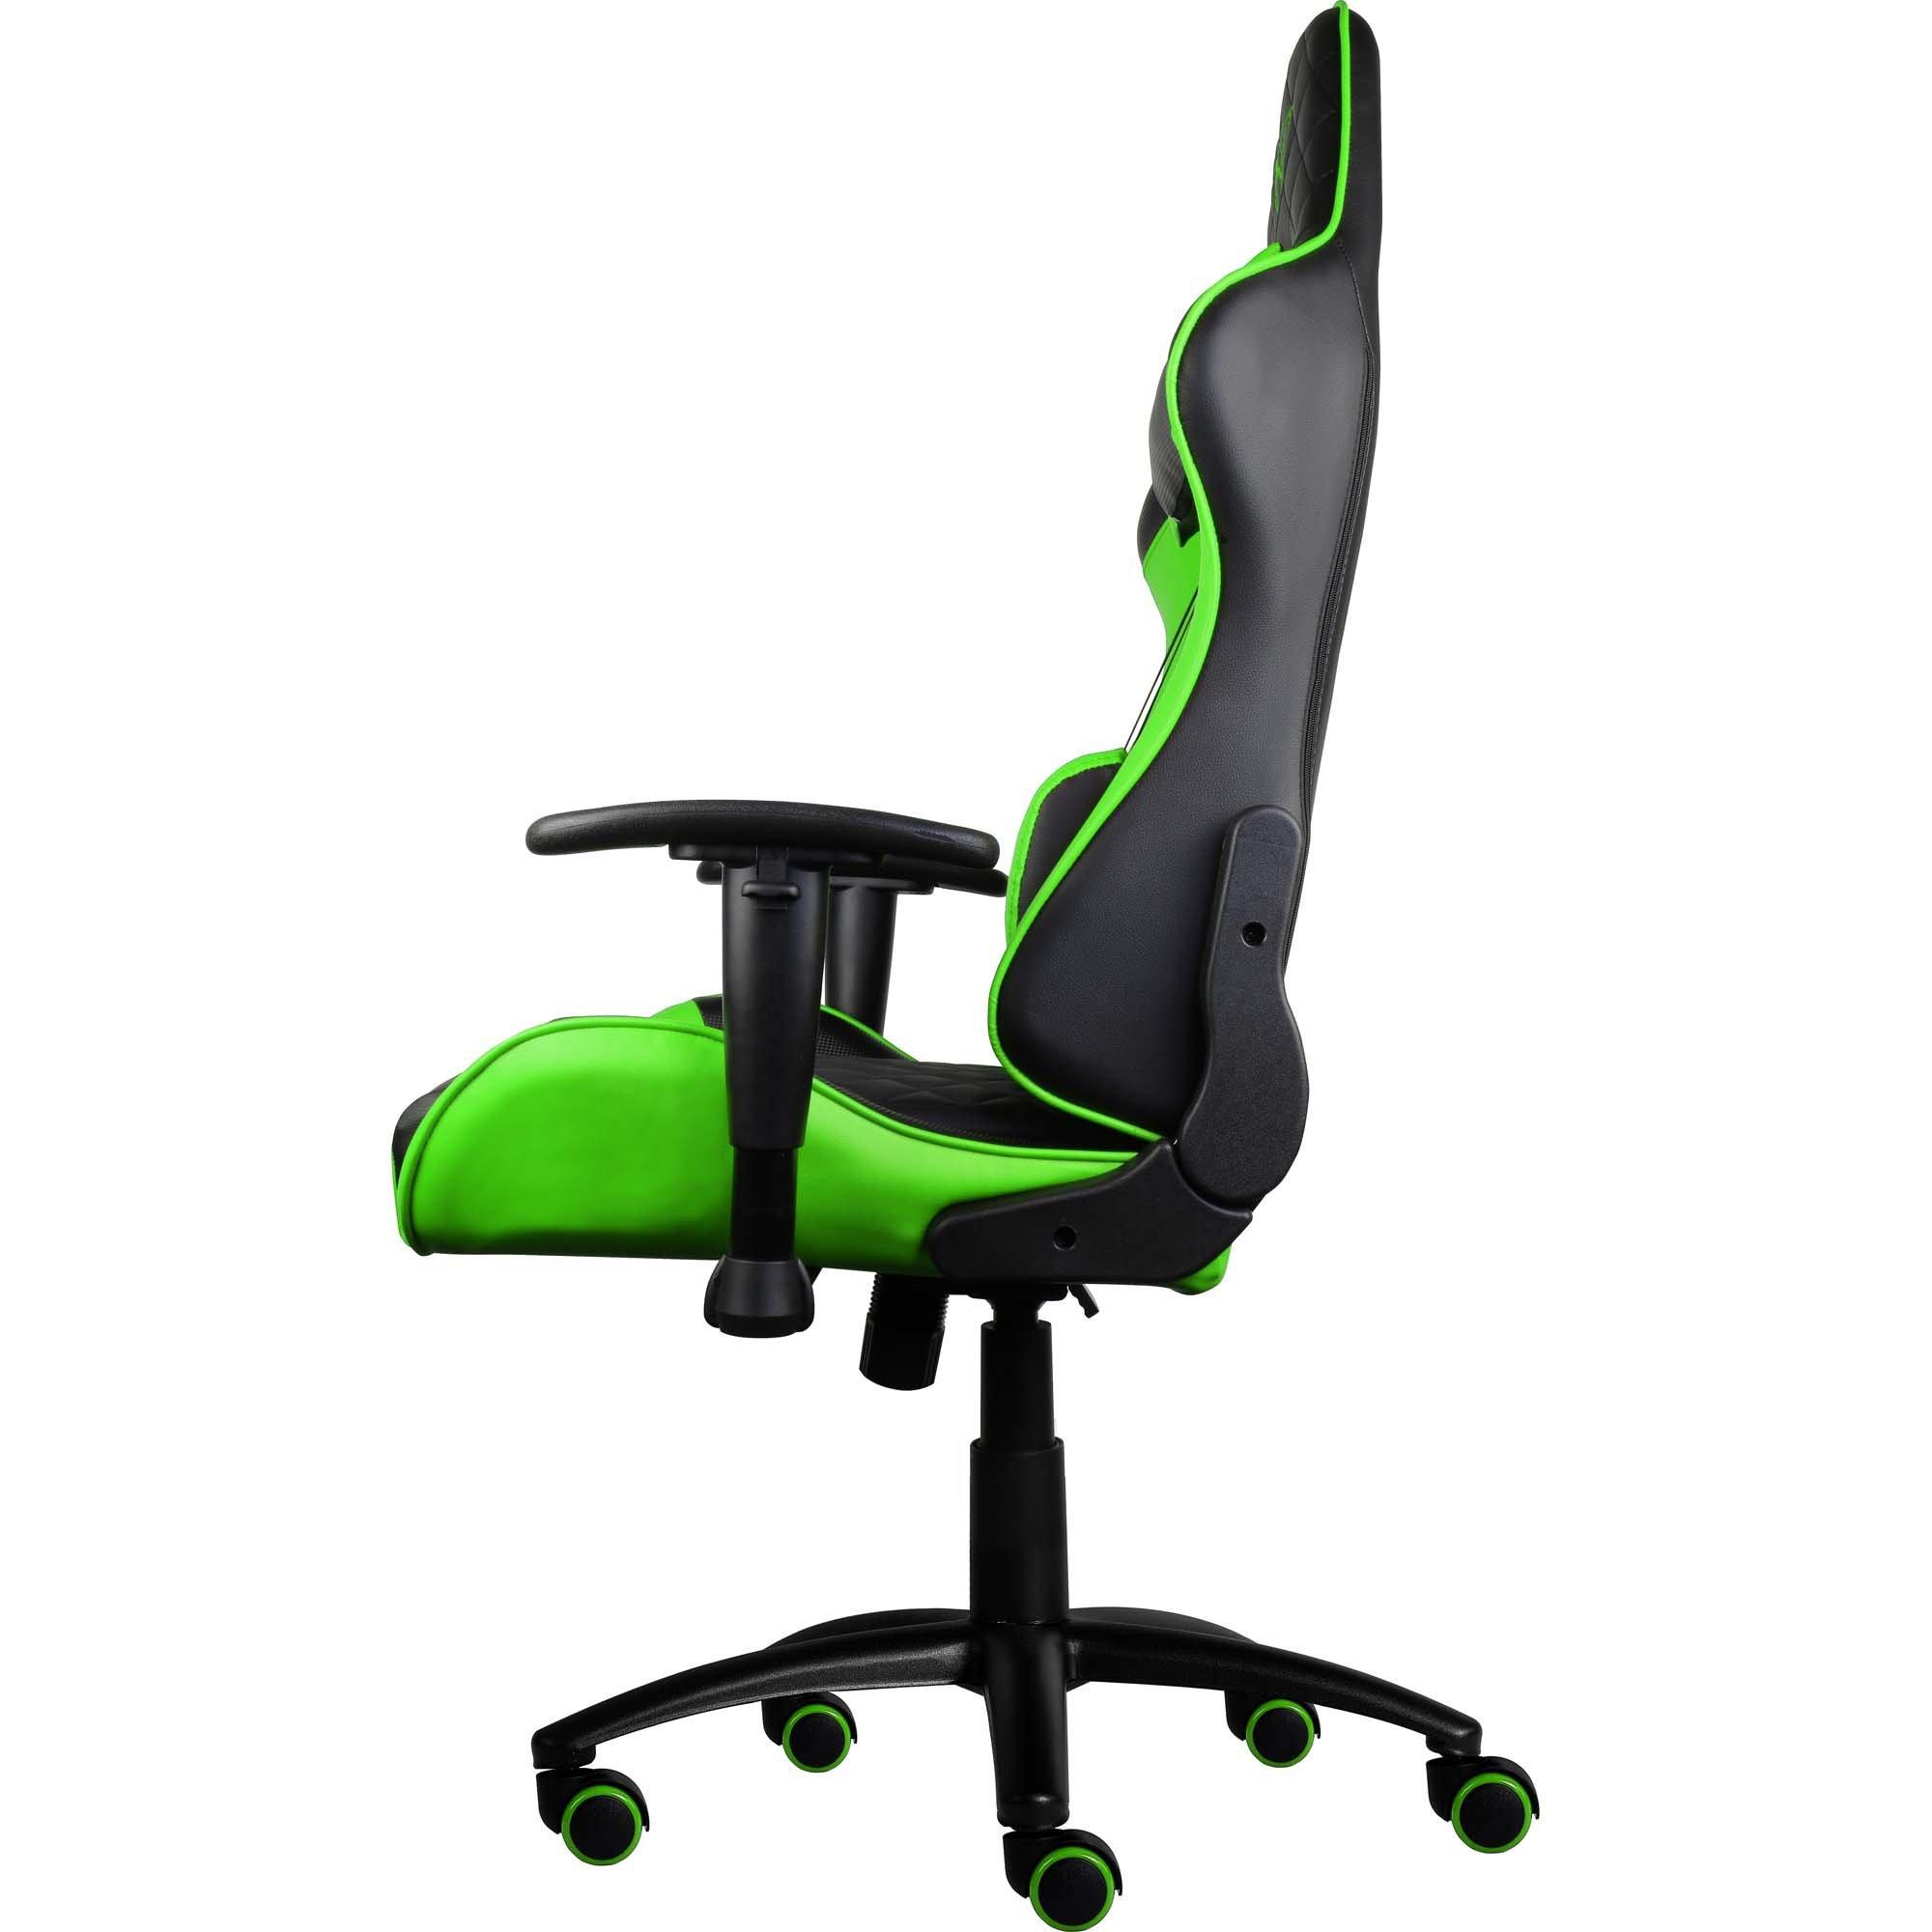 cadeira gamer rapido preta verde thunderx3 profissional tgc12 43832 2000 191590 1